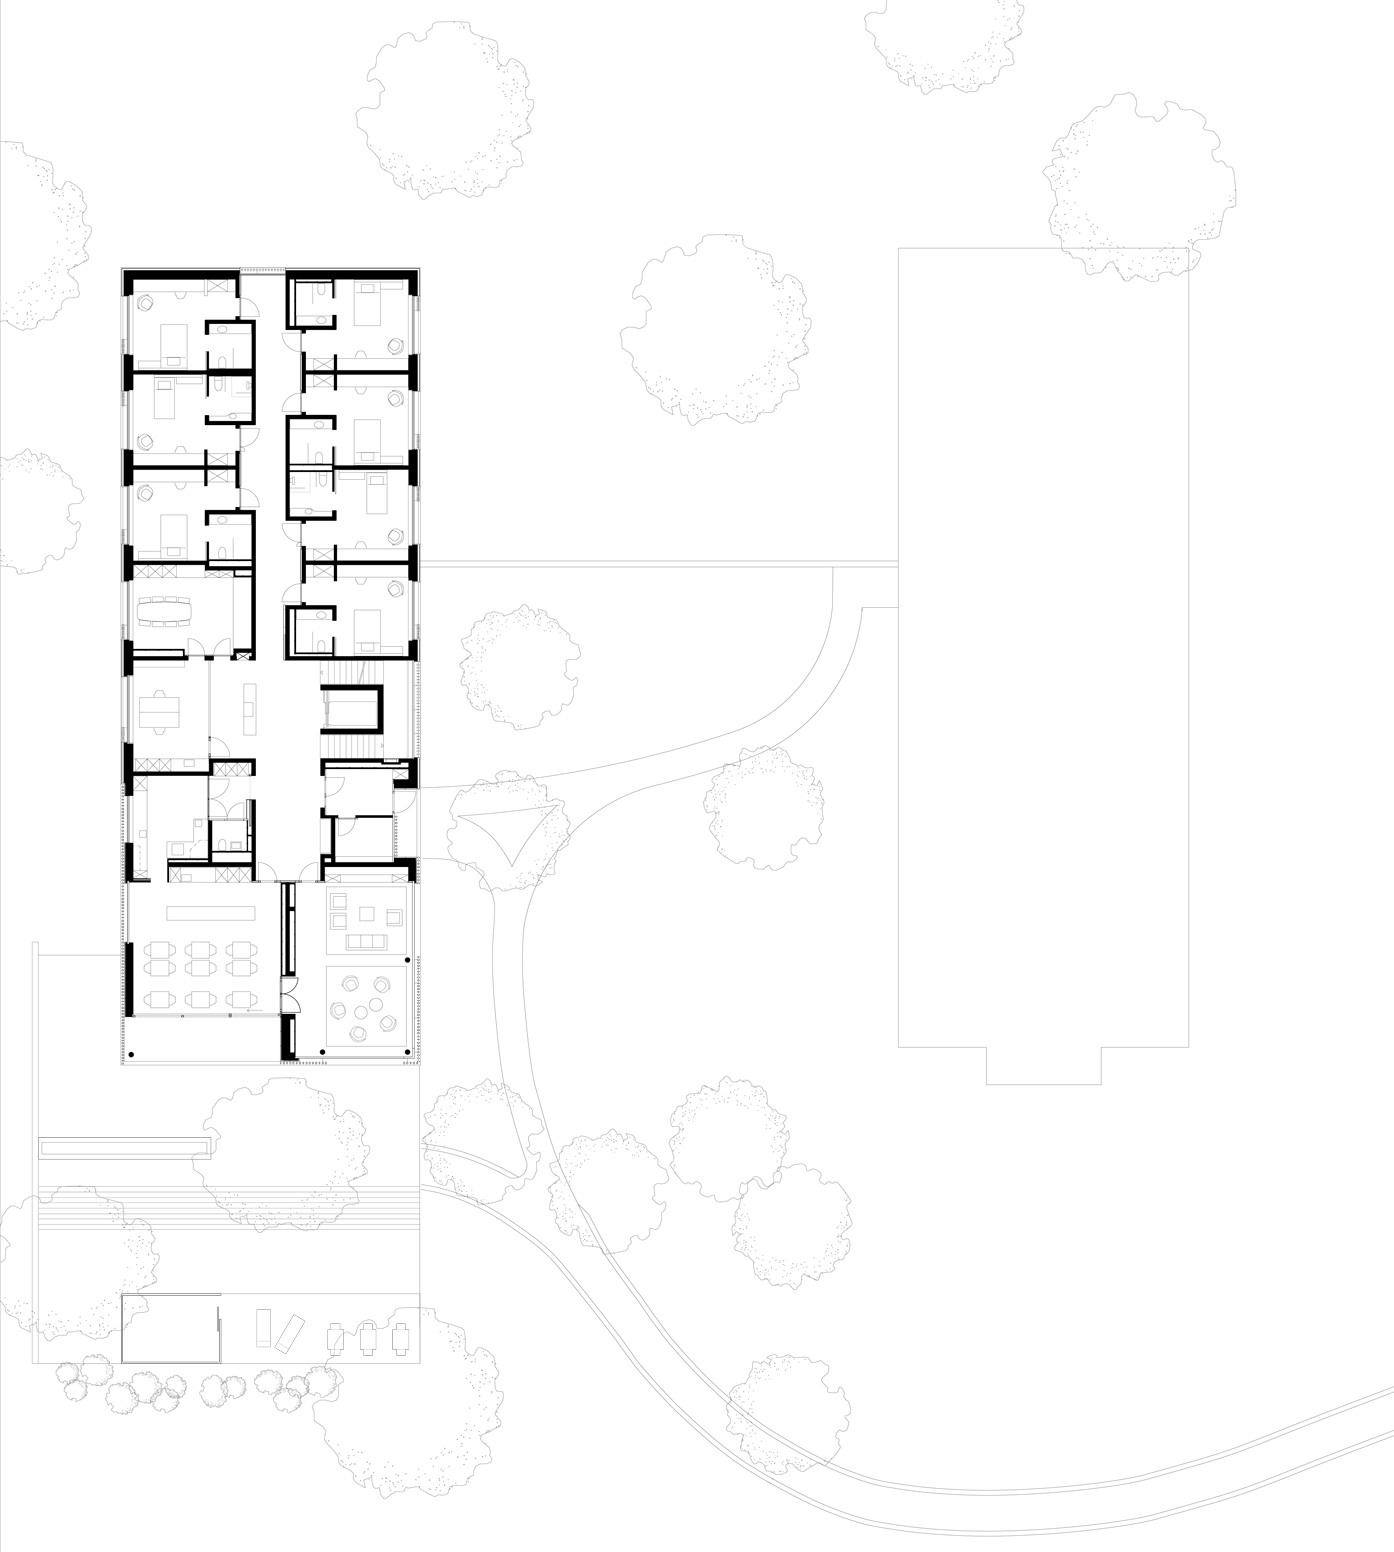 01 Gartengeschoss